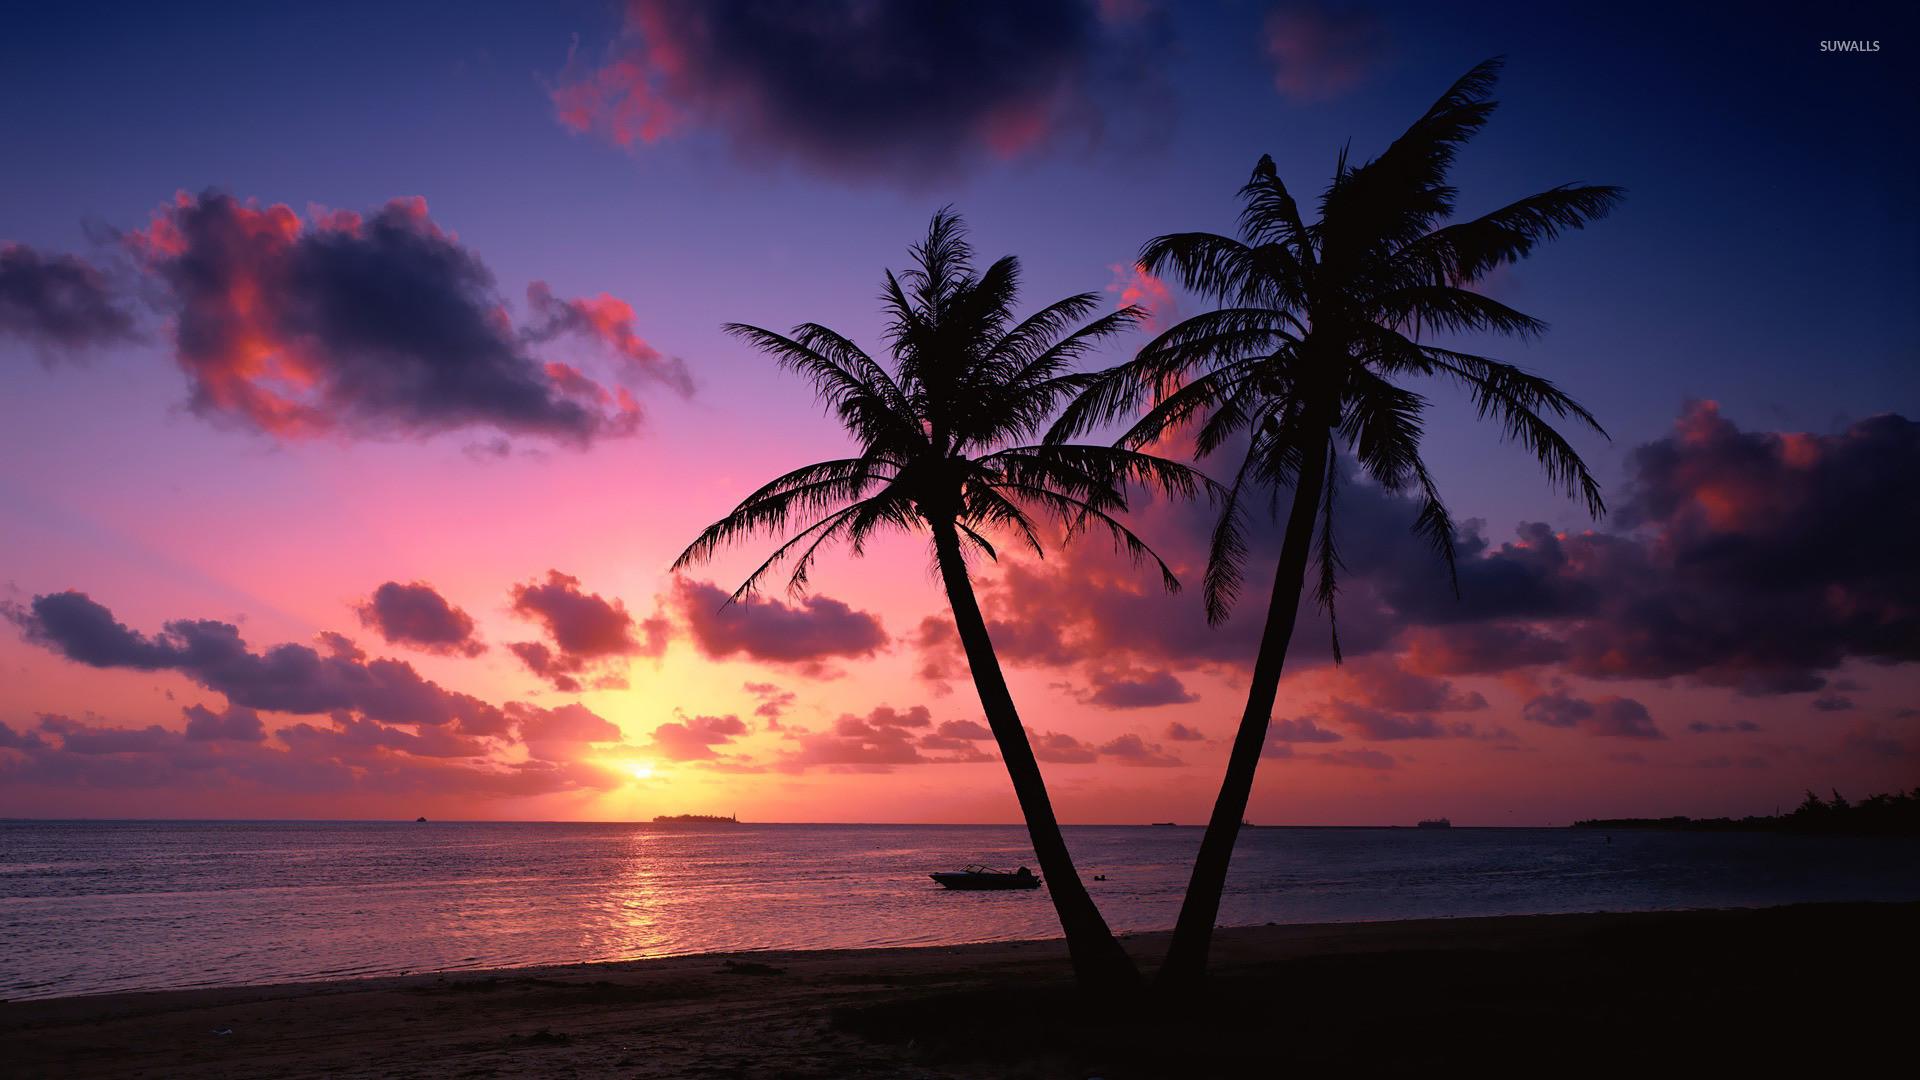 Sunset wallpaper jpg